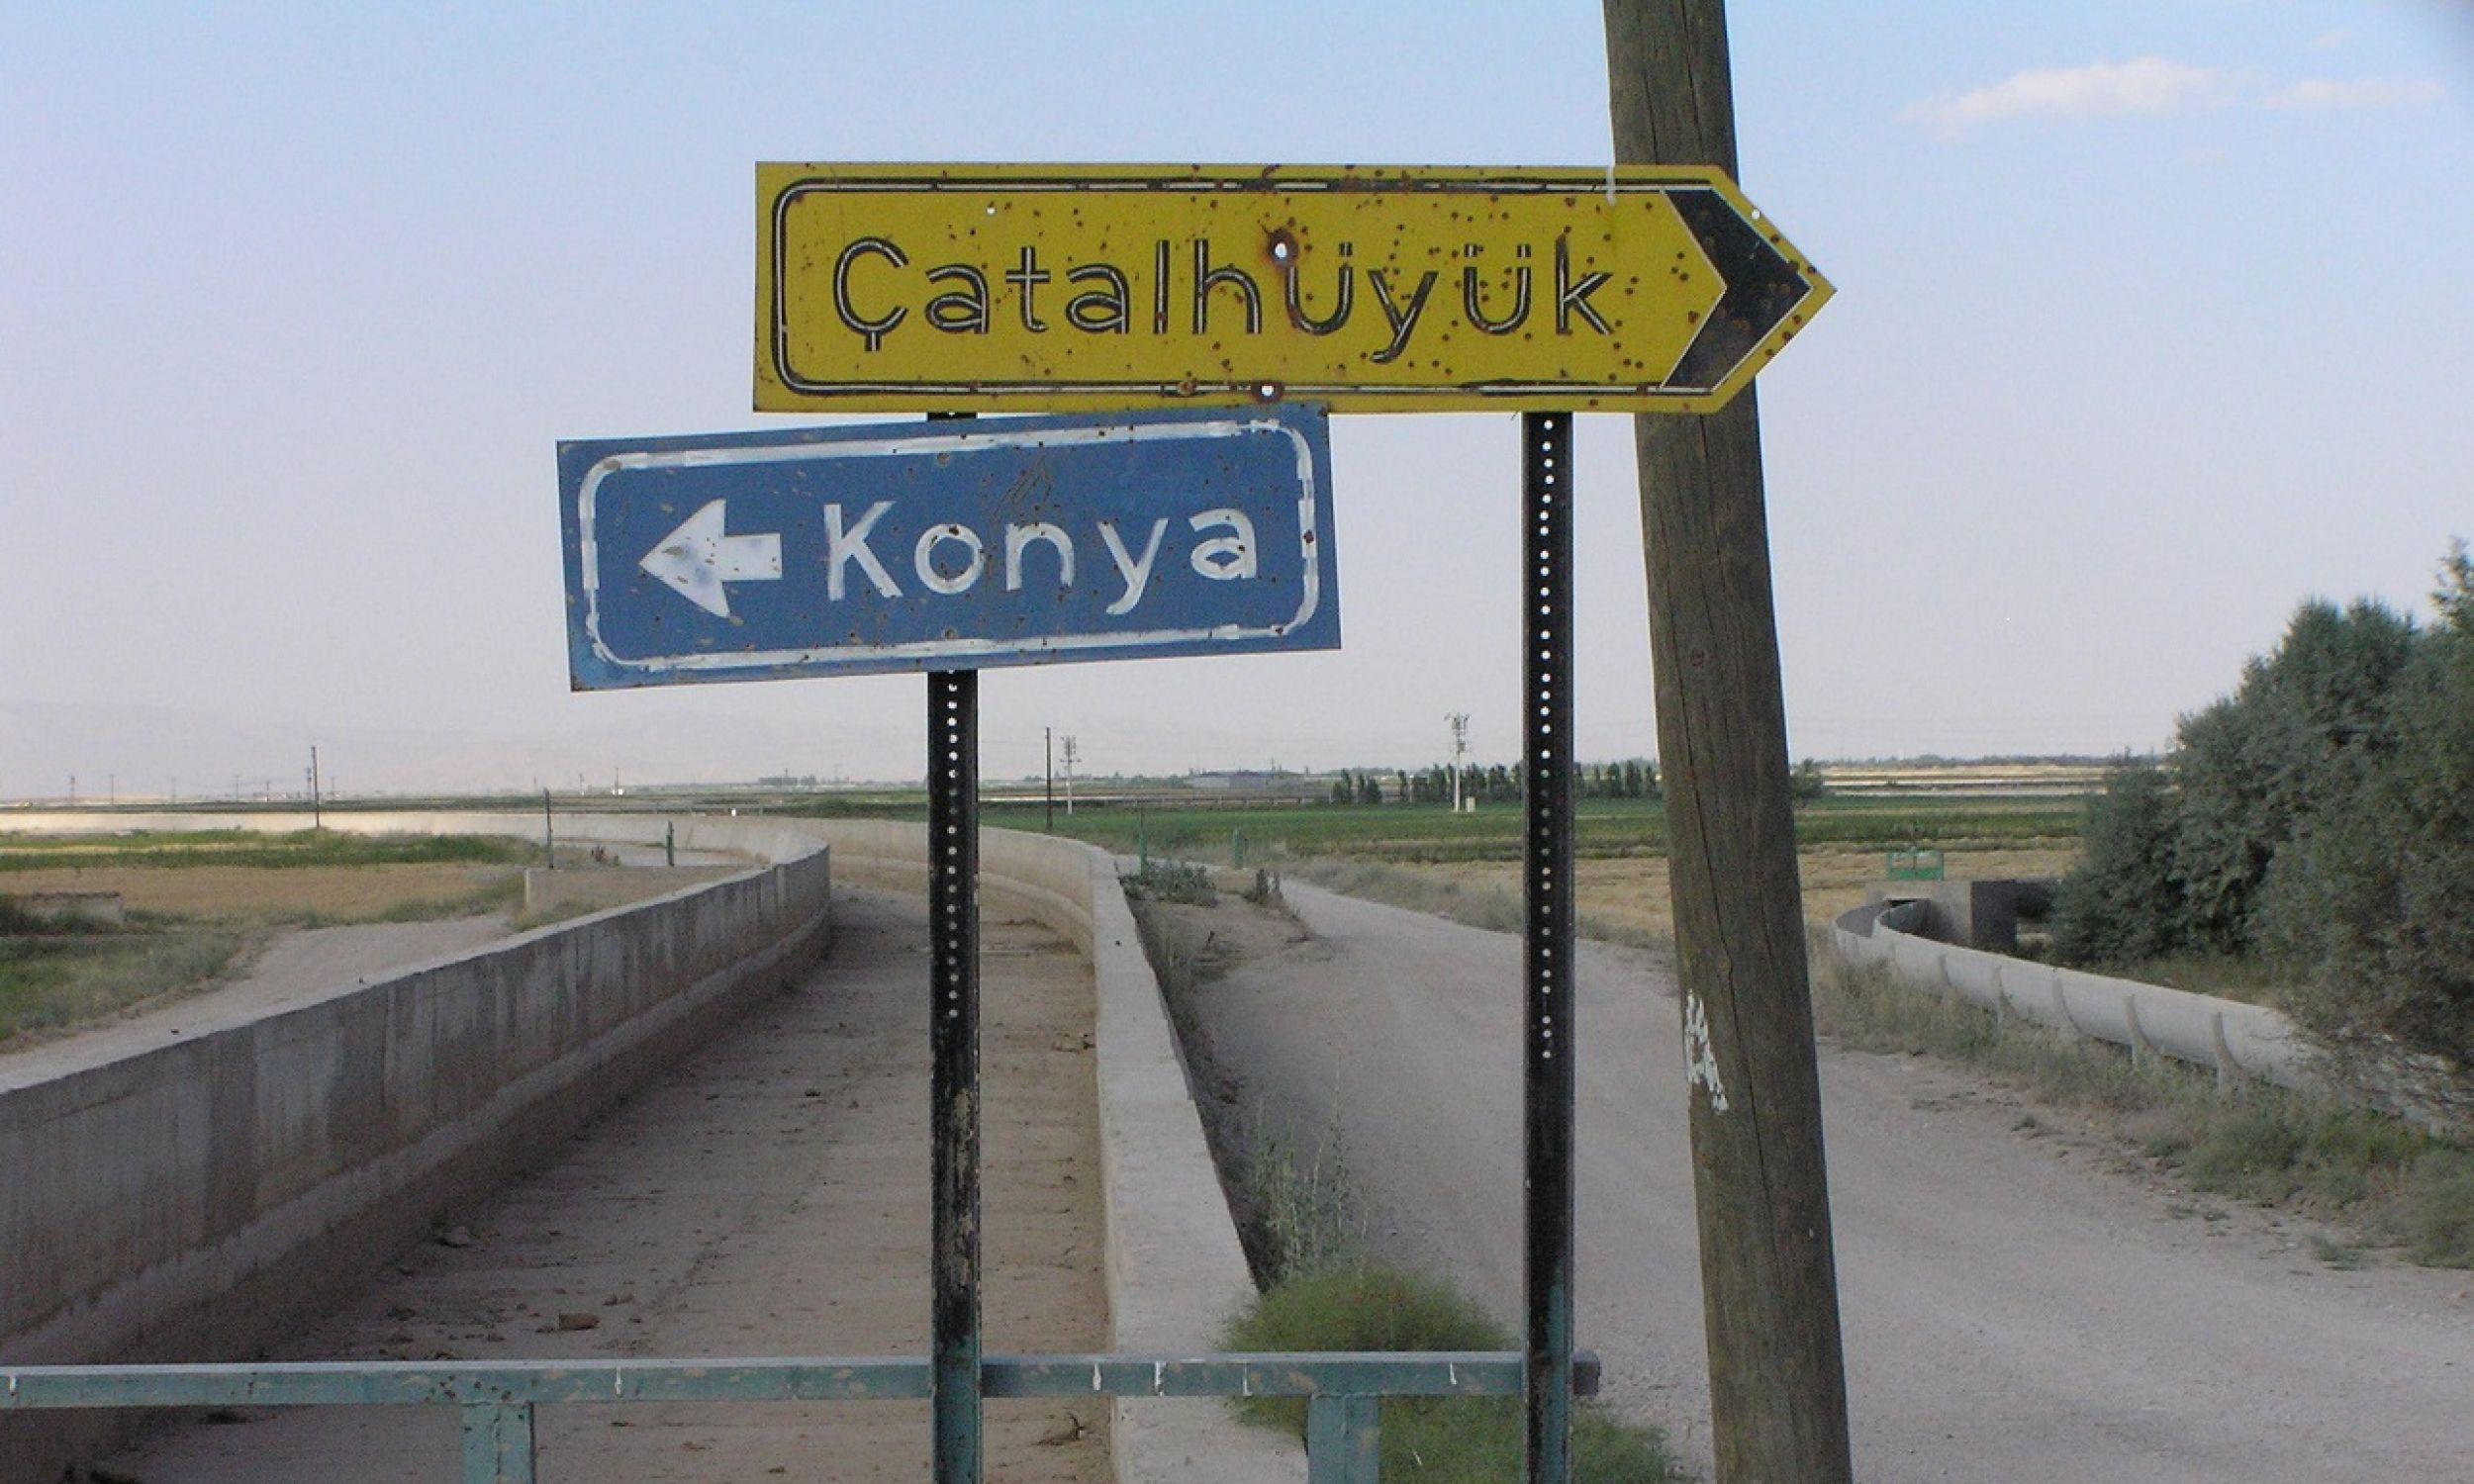 Çatalhöyük jest oddalone o około 40 km od miasta Konya, położonego na rozległej i żyznej, choć dziś bardzo suchej, równinie otoczonej górami. Fot. Tomasz Kozłowski